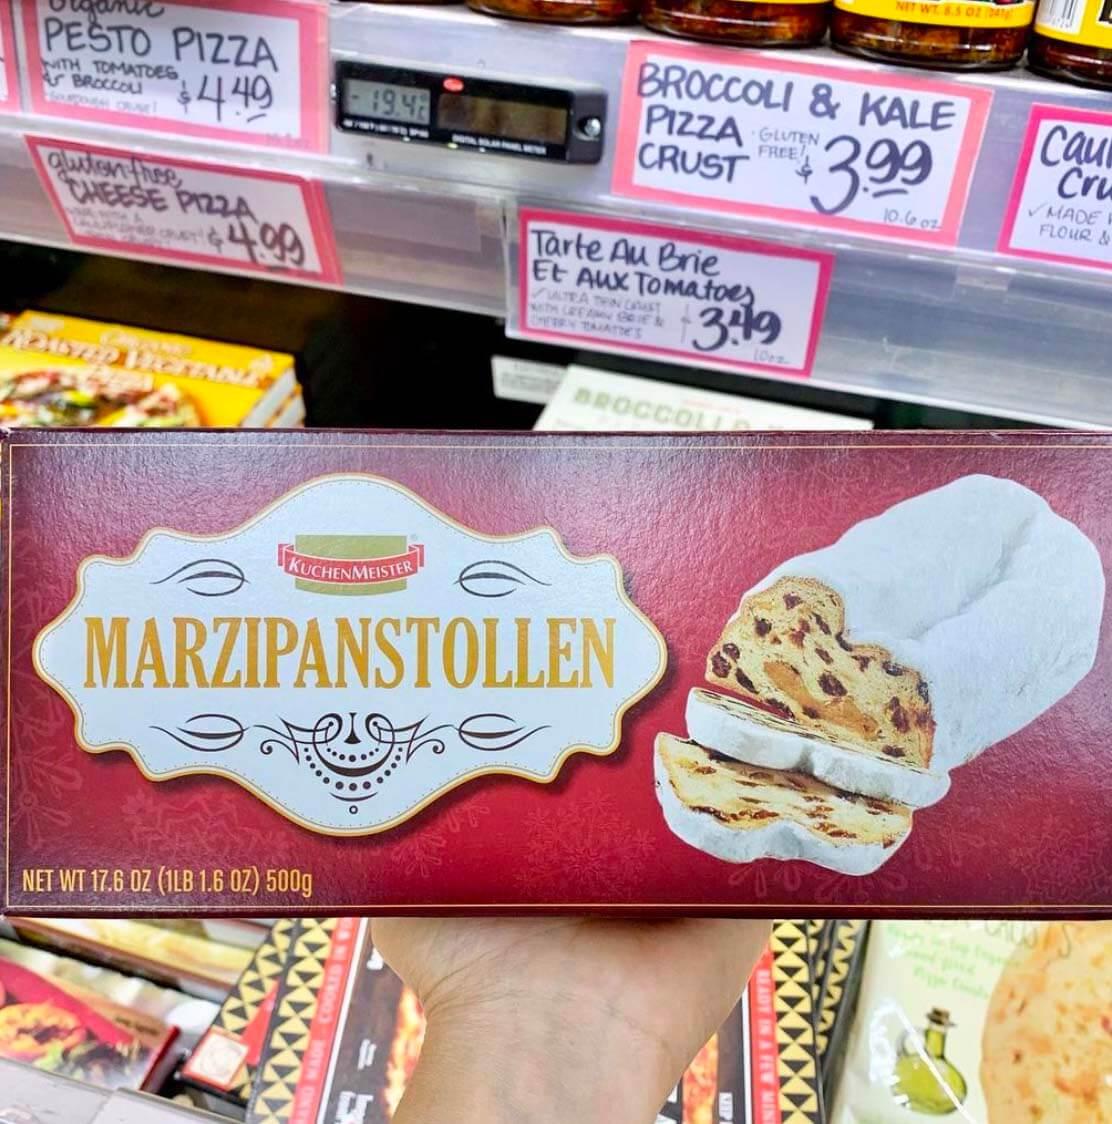 Trader Joe's Marzipan